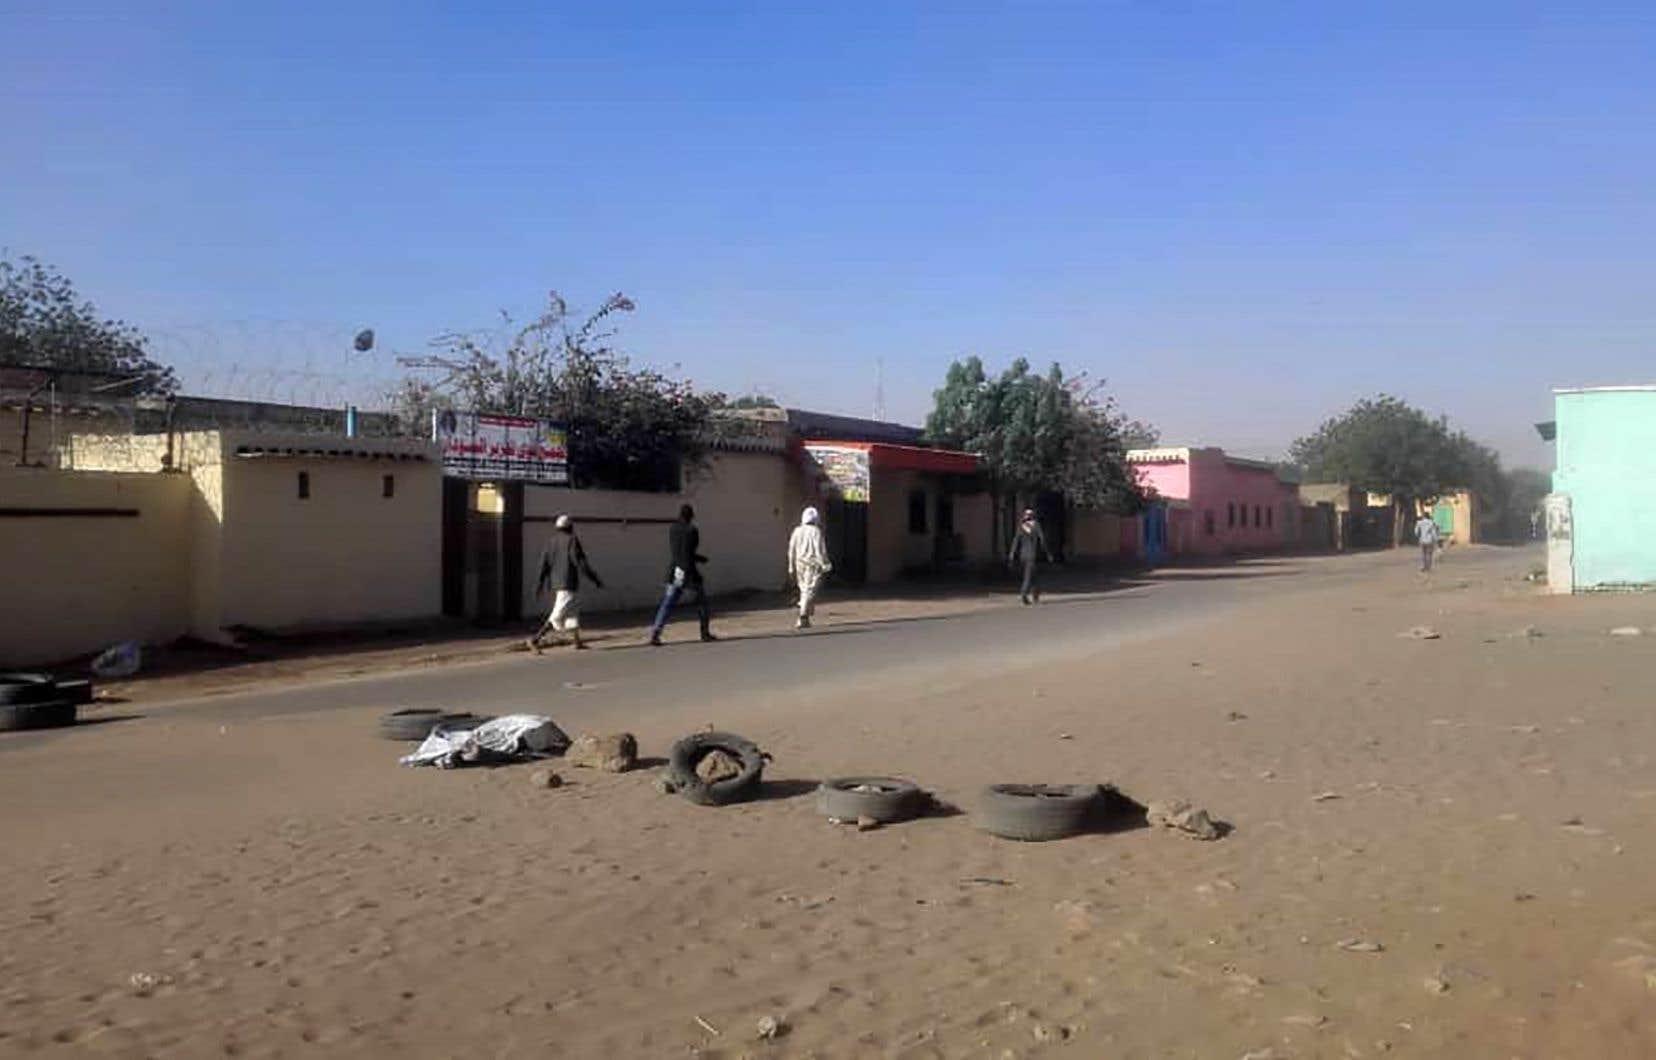 Les affrontements samedi et dimanche entre tribus rivales à El-Geneina, capitale du Darfour-Ouest, ont coûté la vie à 159 personnes.